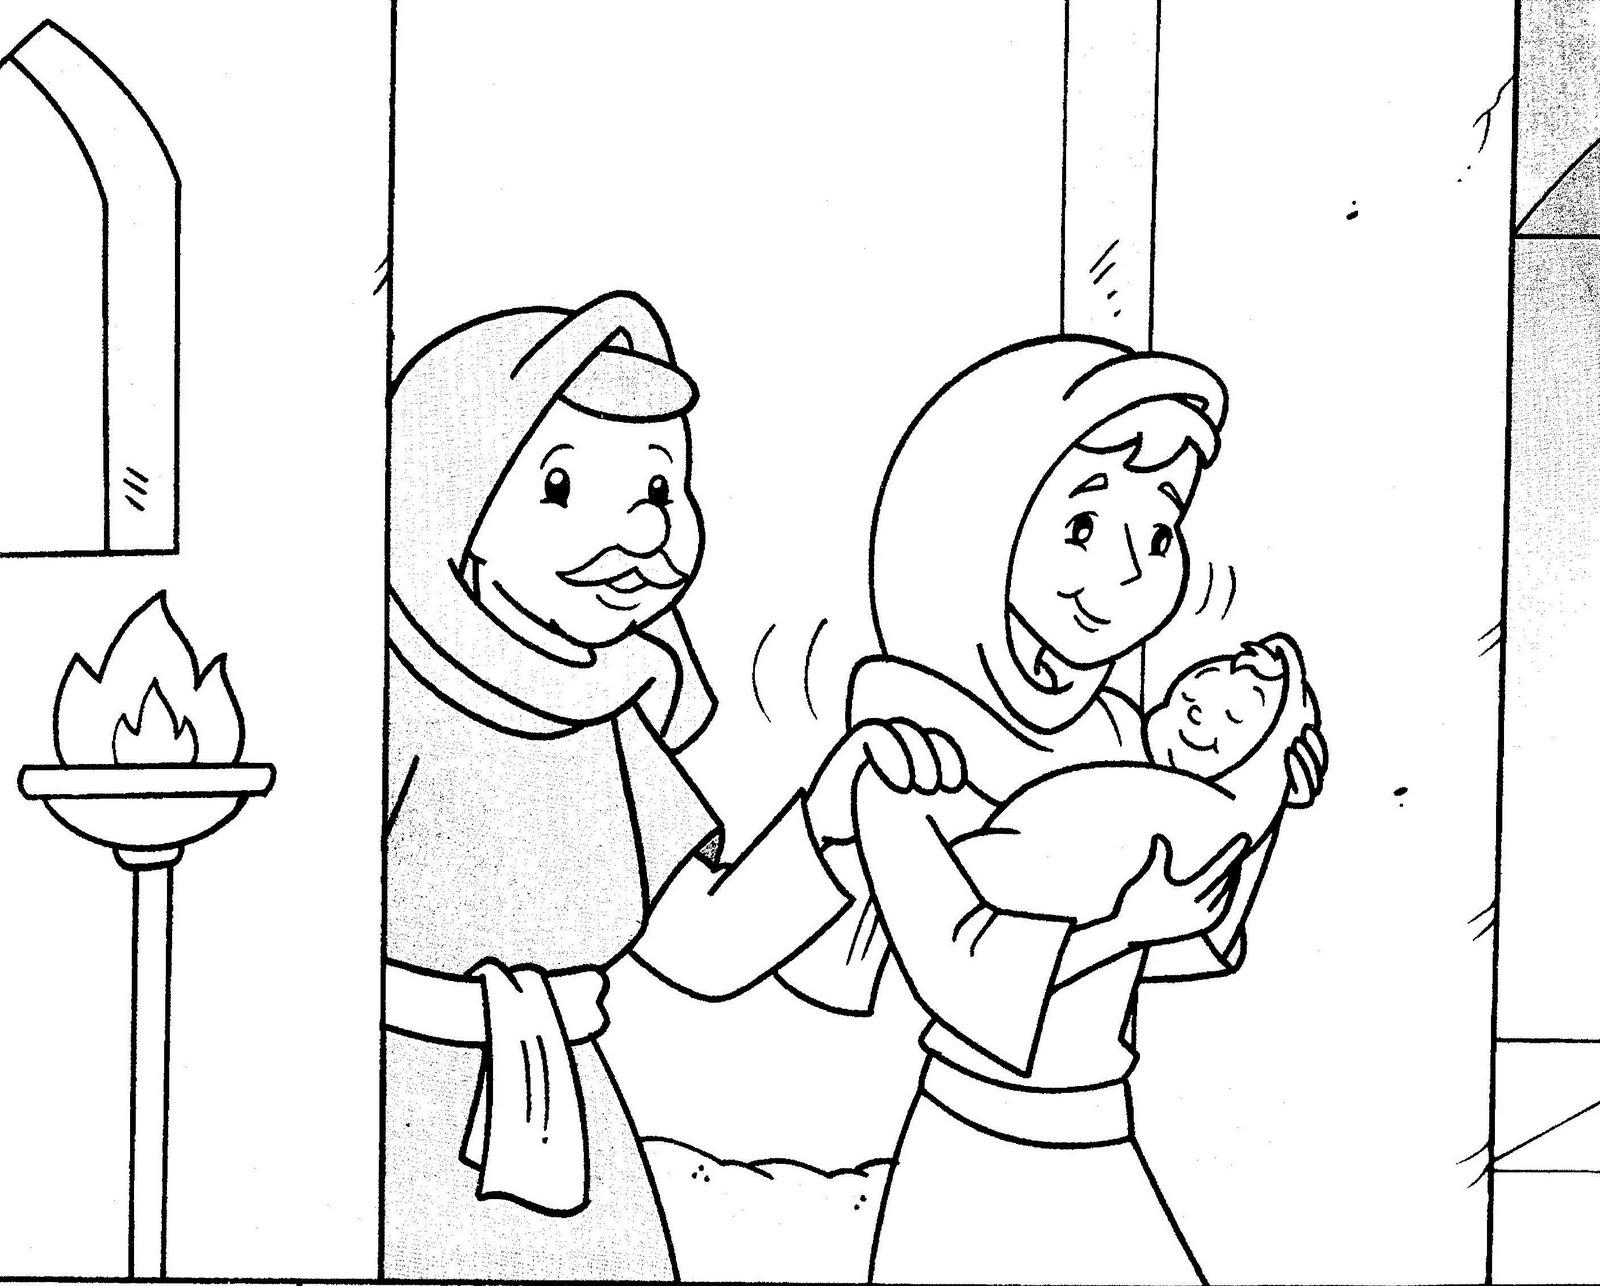 Gambar Cerita Alkitab: Simeon dan Hana bertemu bayi Yesus (Lukas2:21